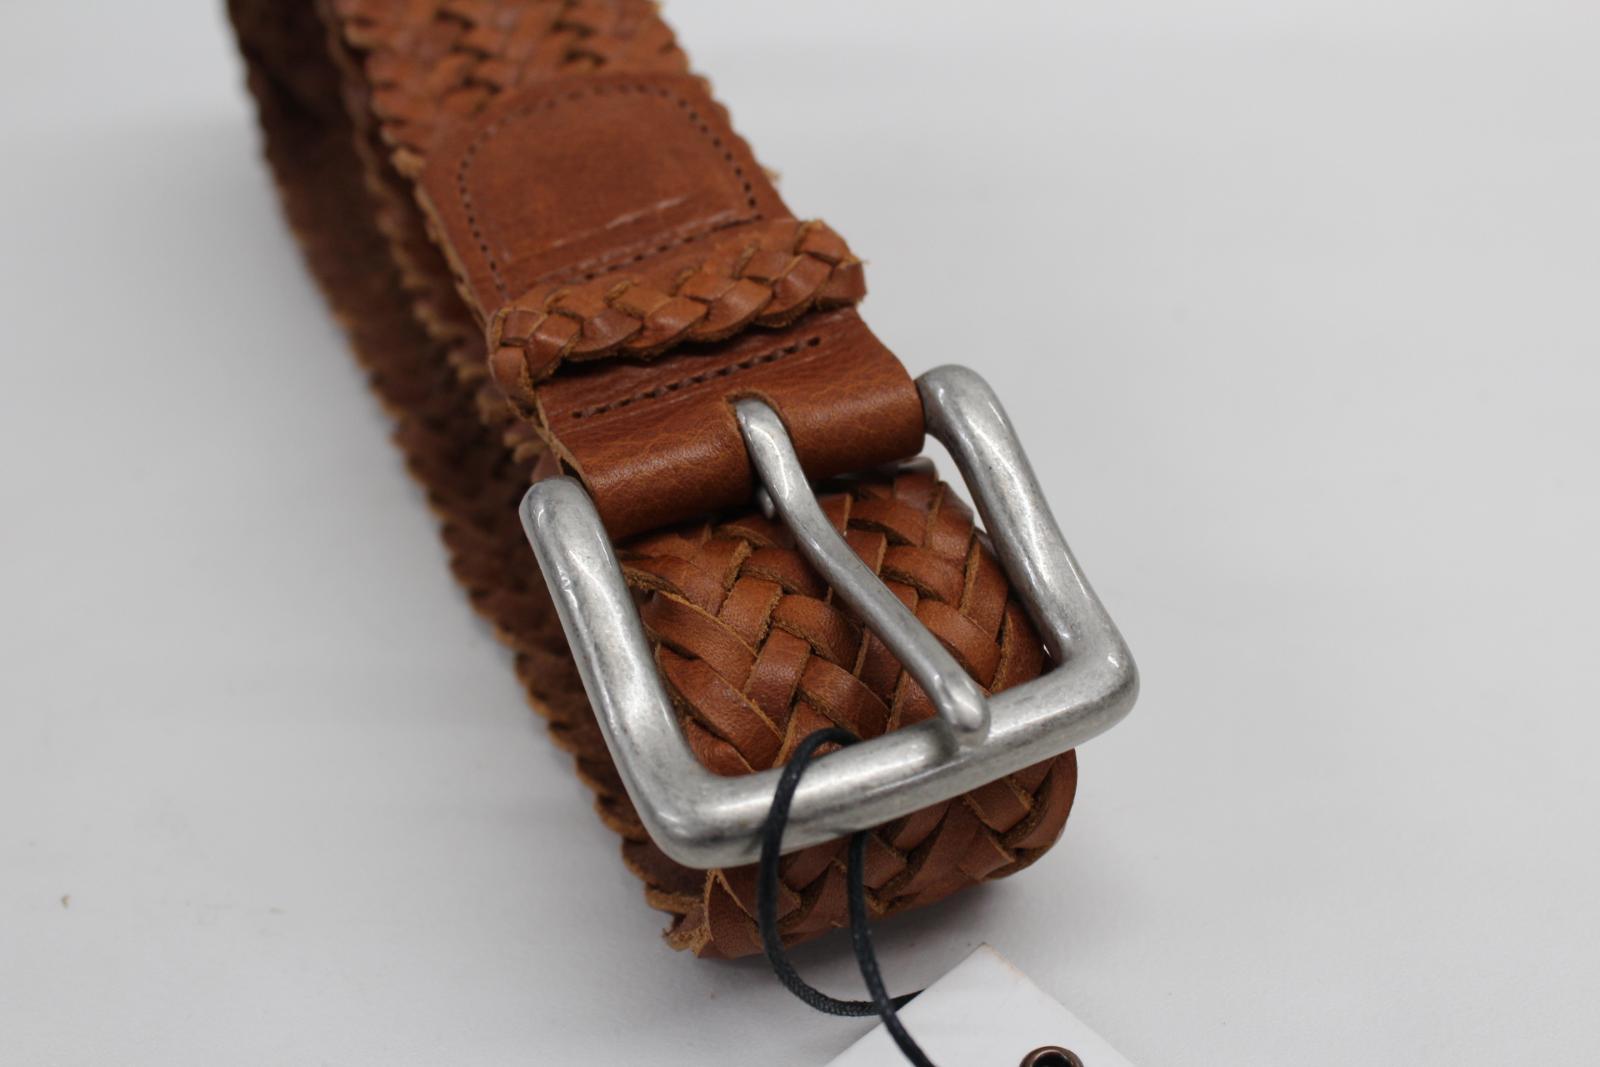 NUOVO-R-M-Williams-in-Pelle-Marrone-Intrecciato-TESSUTA-PIN-buckke-bambra-Cintura-Taglia-32-034 miniatura 6